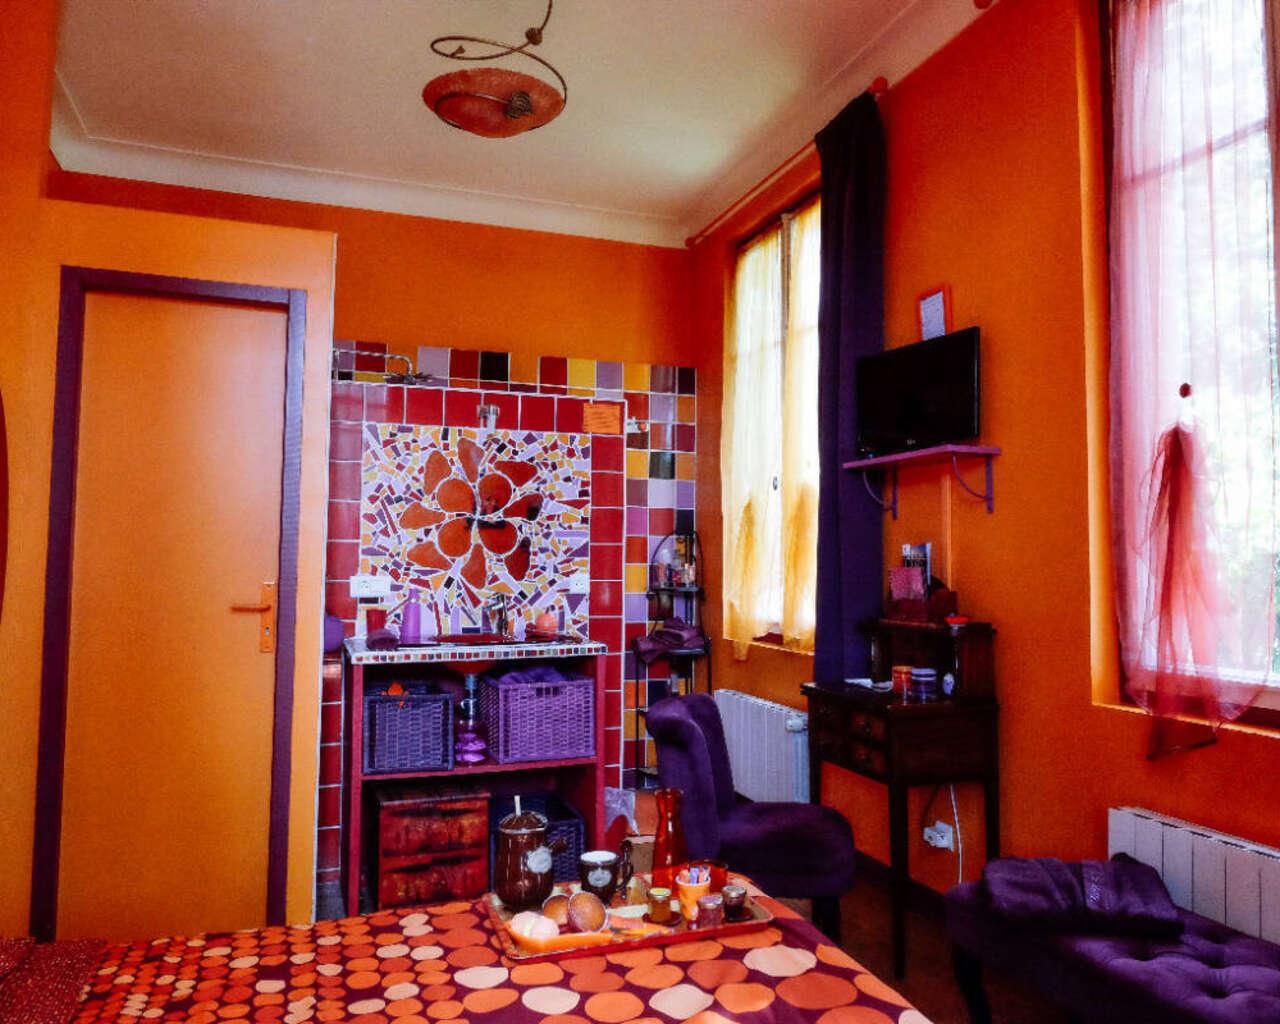 La villa des violettes chambres d 39 h tes toulouse - Chambres d hotes la villa alienor ...